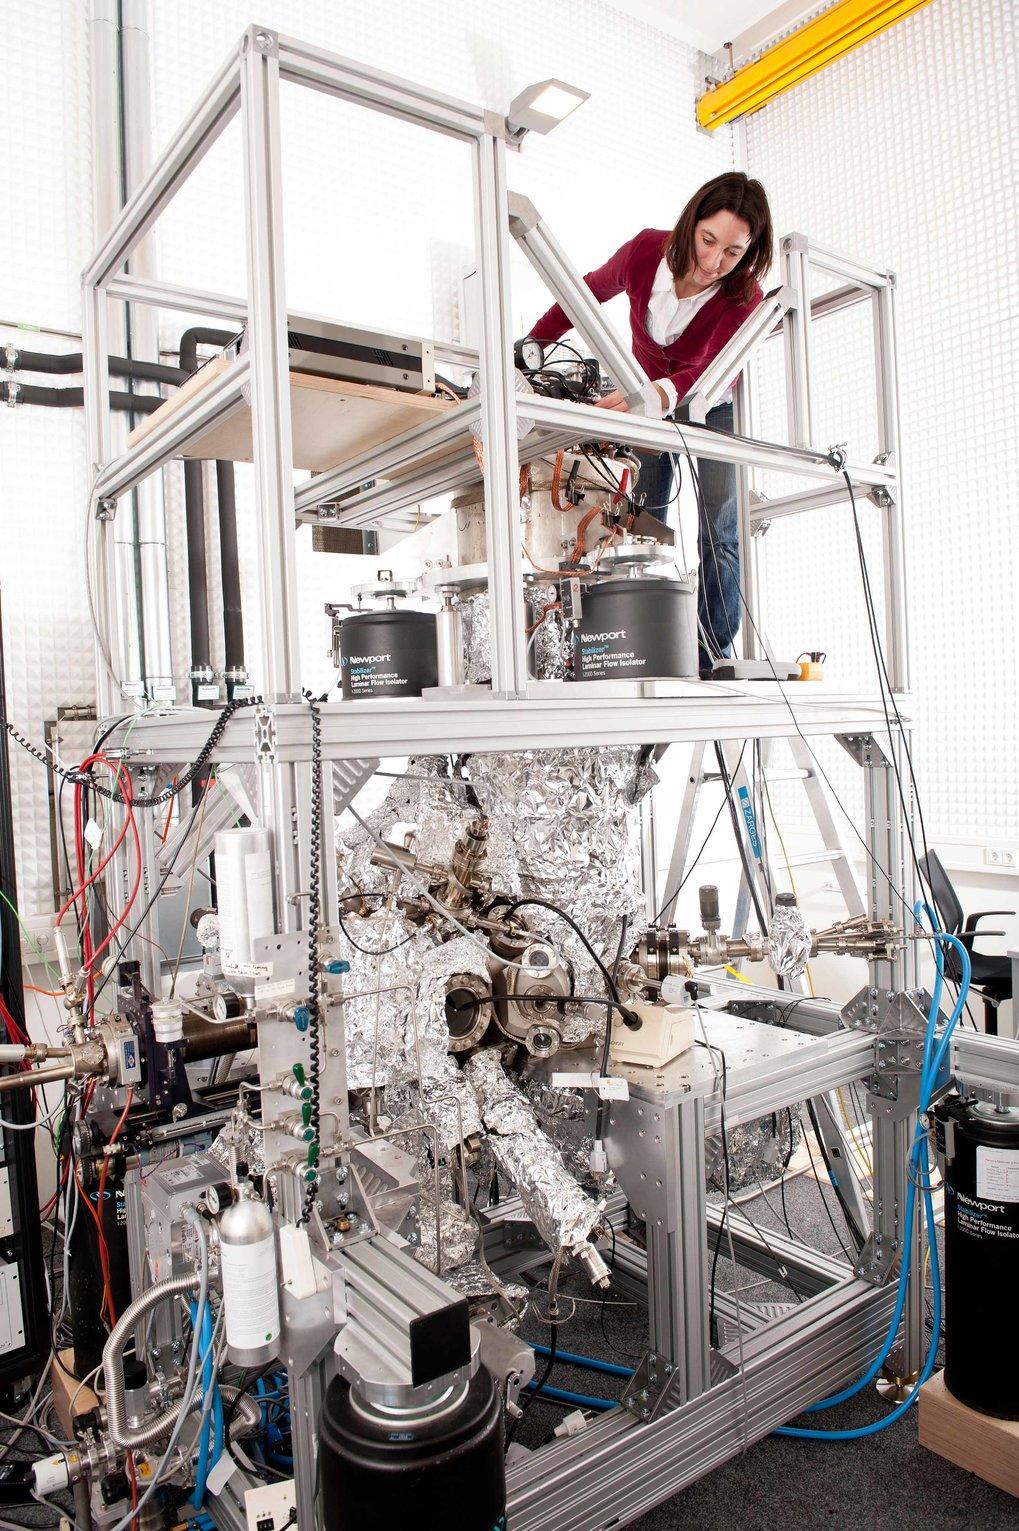 Schafft die Grundlage für eine organische Elektronik: Mit ihrem Rastertunnelmikroskop erforscht Uta Schlickum, wie ein elektrischer Strom durch e